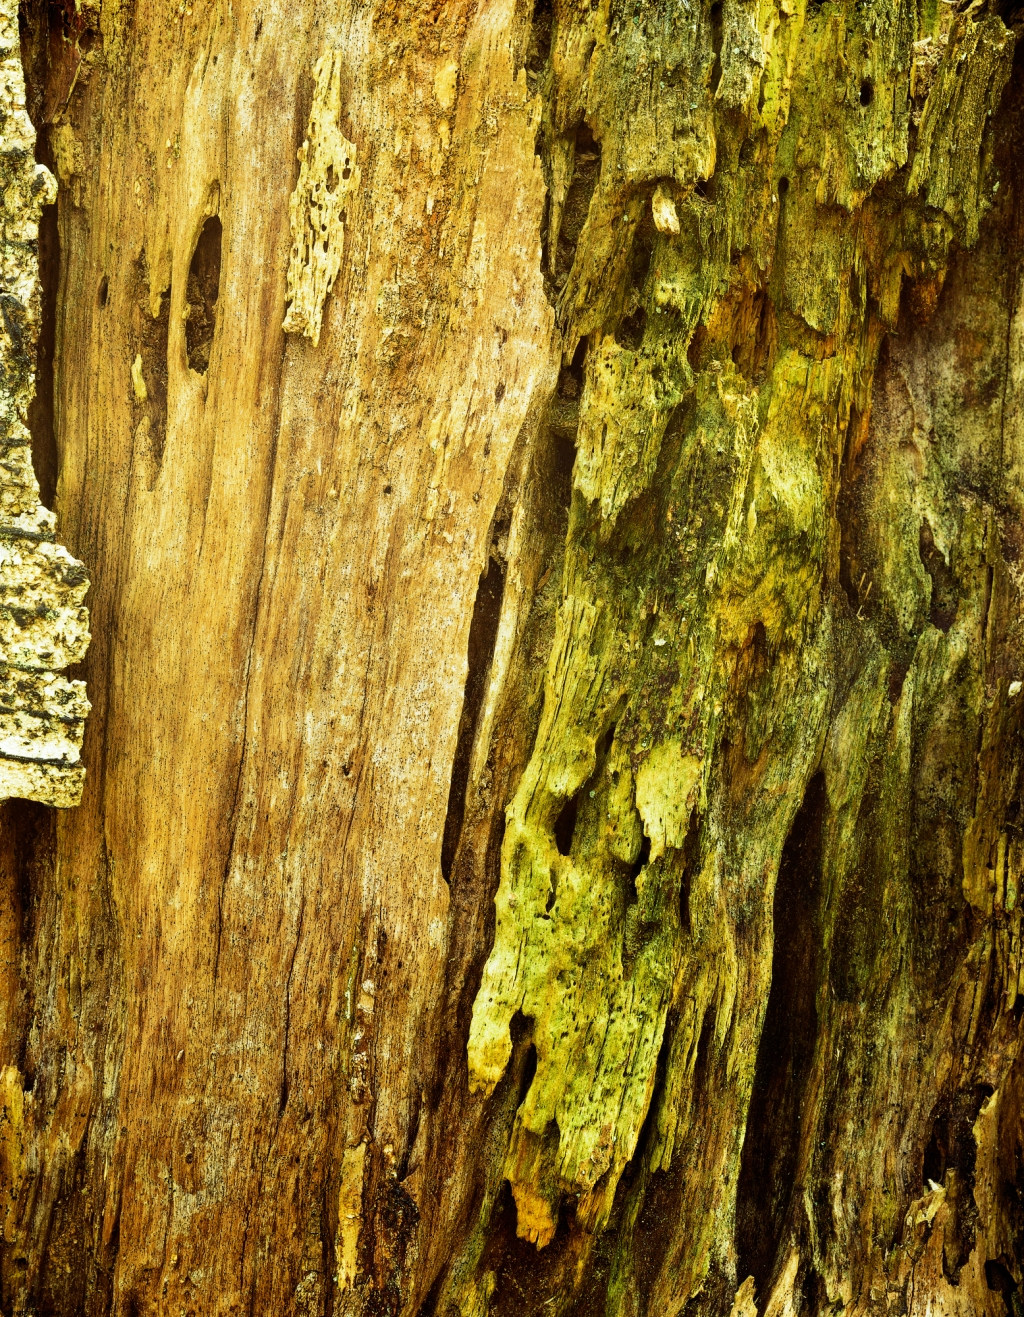 BernwoodBirchBarkDetail5x4Velvia2000